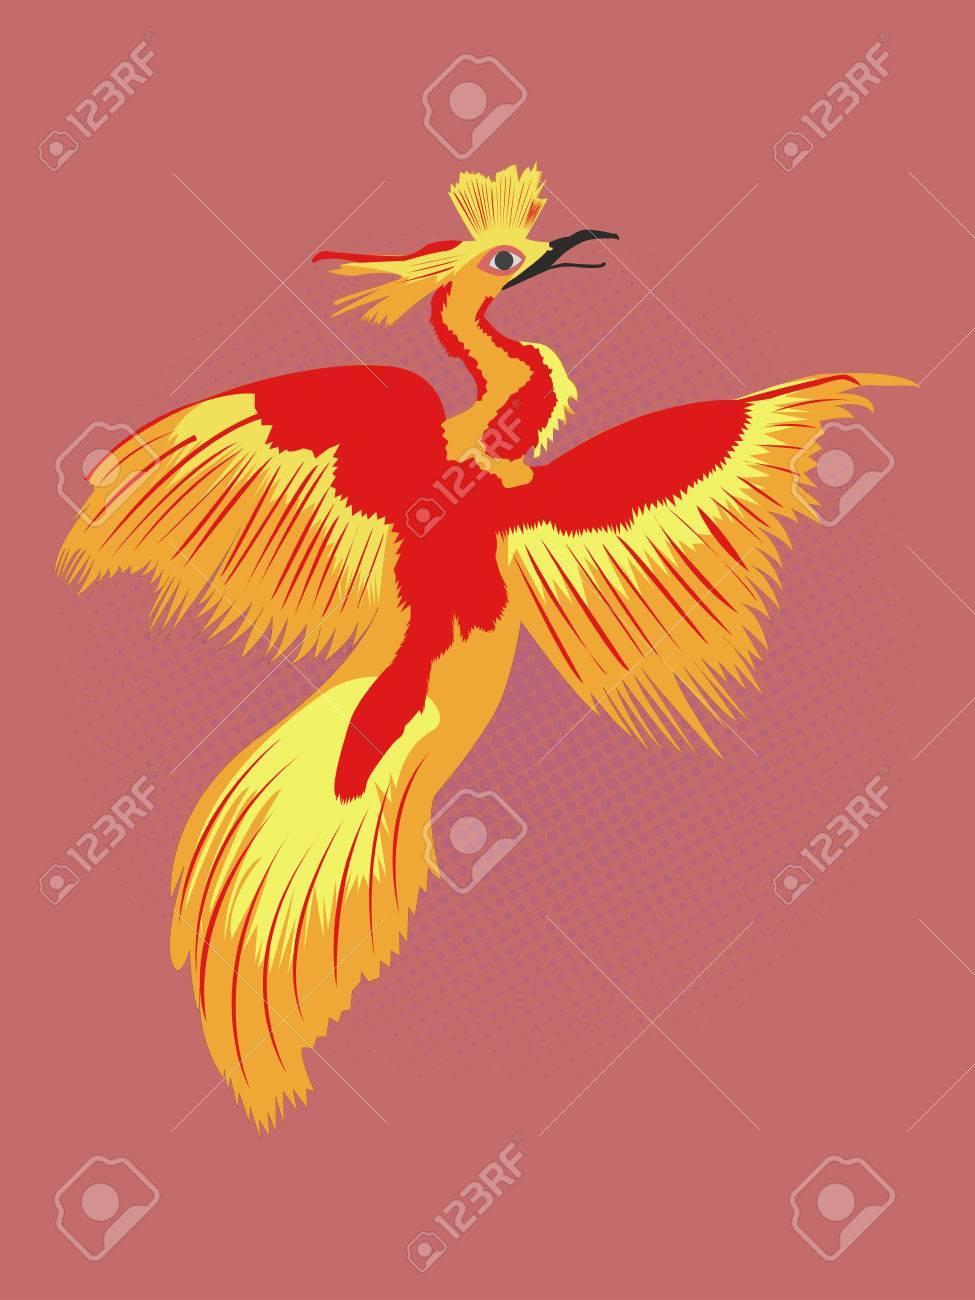 Reborn Phoenix Dessin Pop Art Feu Oiseau Dessin Avec Fond Noir Pointillé Rouge Cartoon Illustration Du Légendaire Phoenix